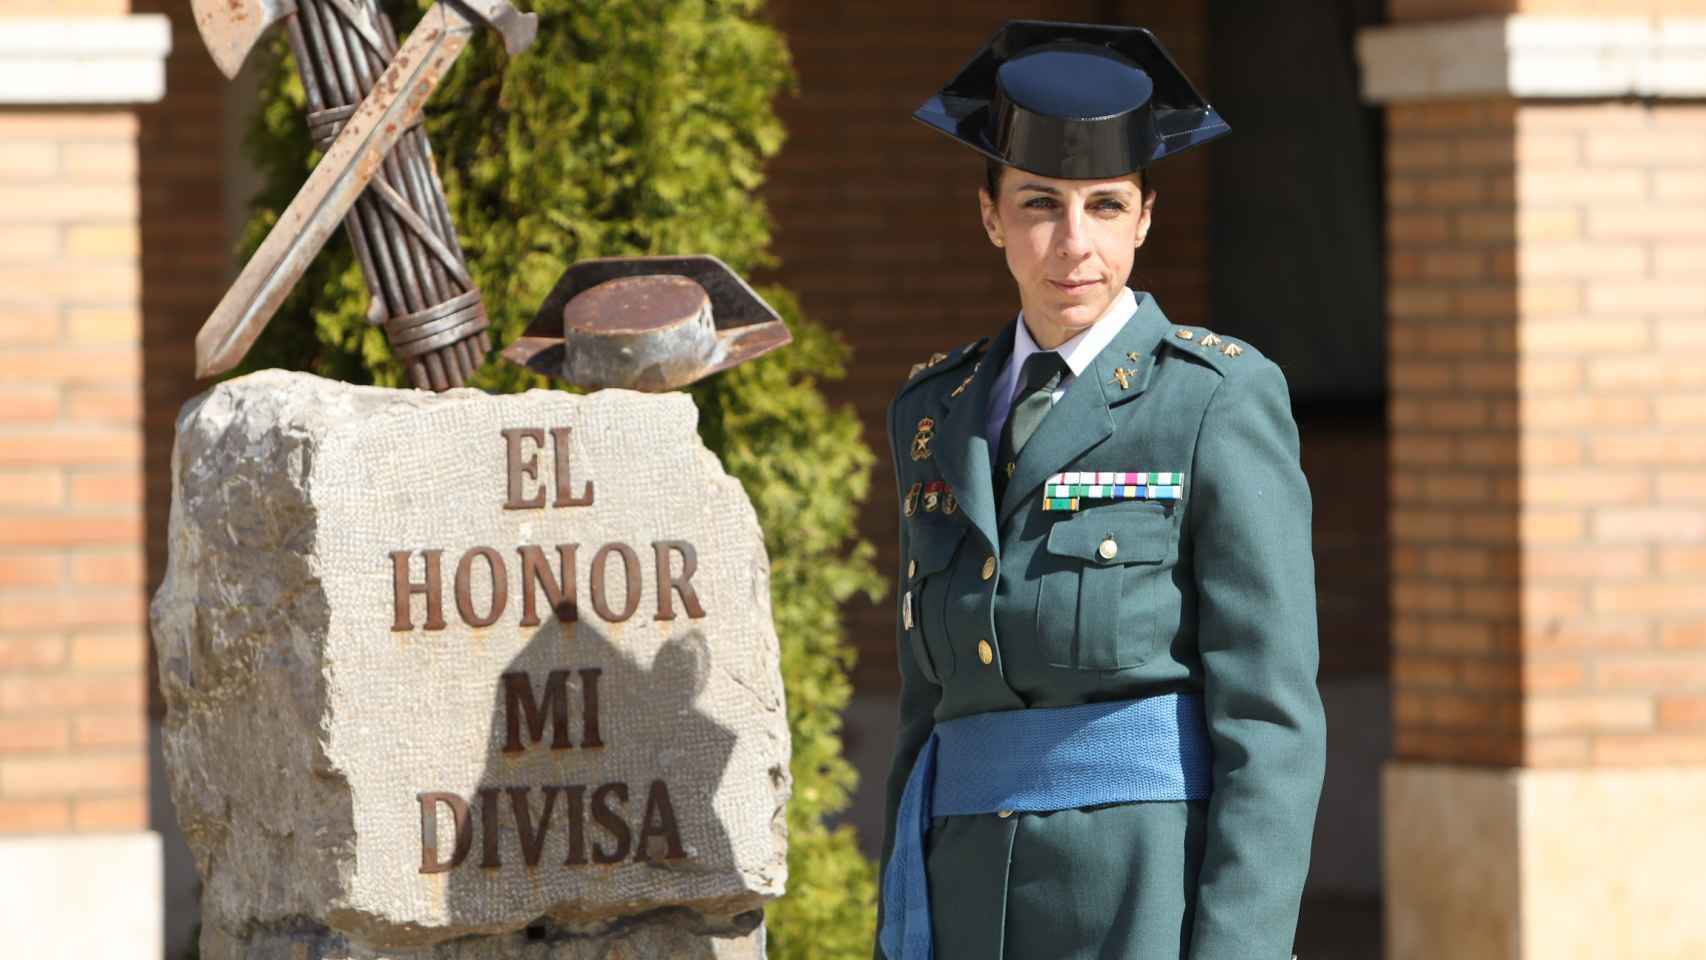 Silvia Gil es la cuarta mujer de la Guardia Civil en llegar a teniente coronel.